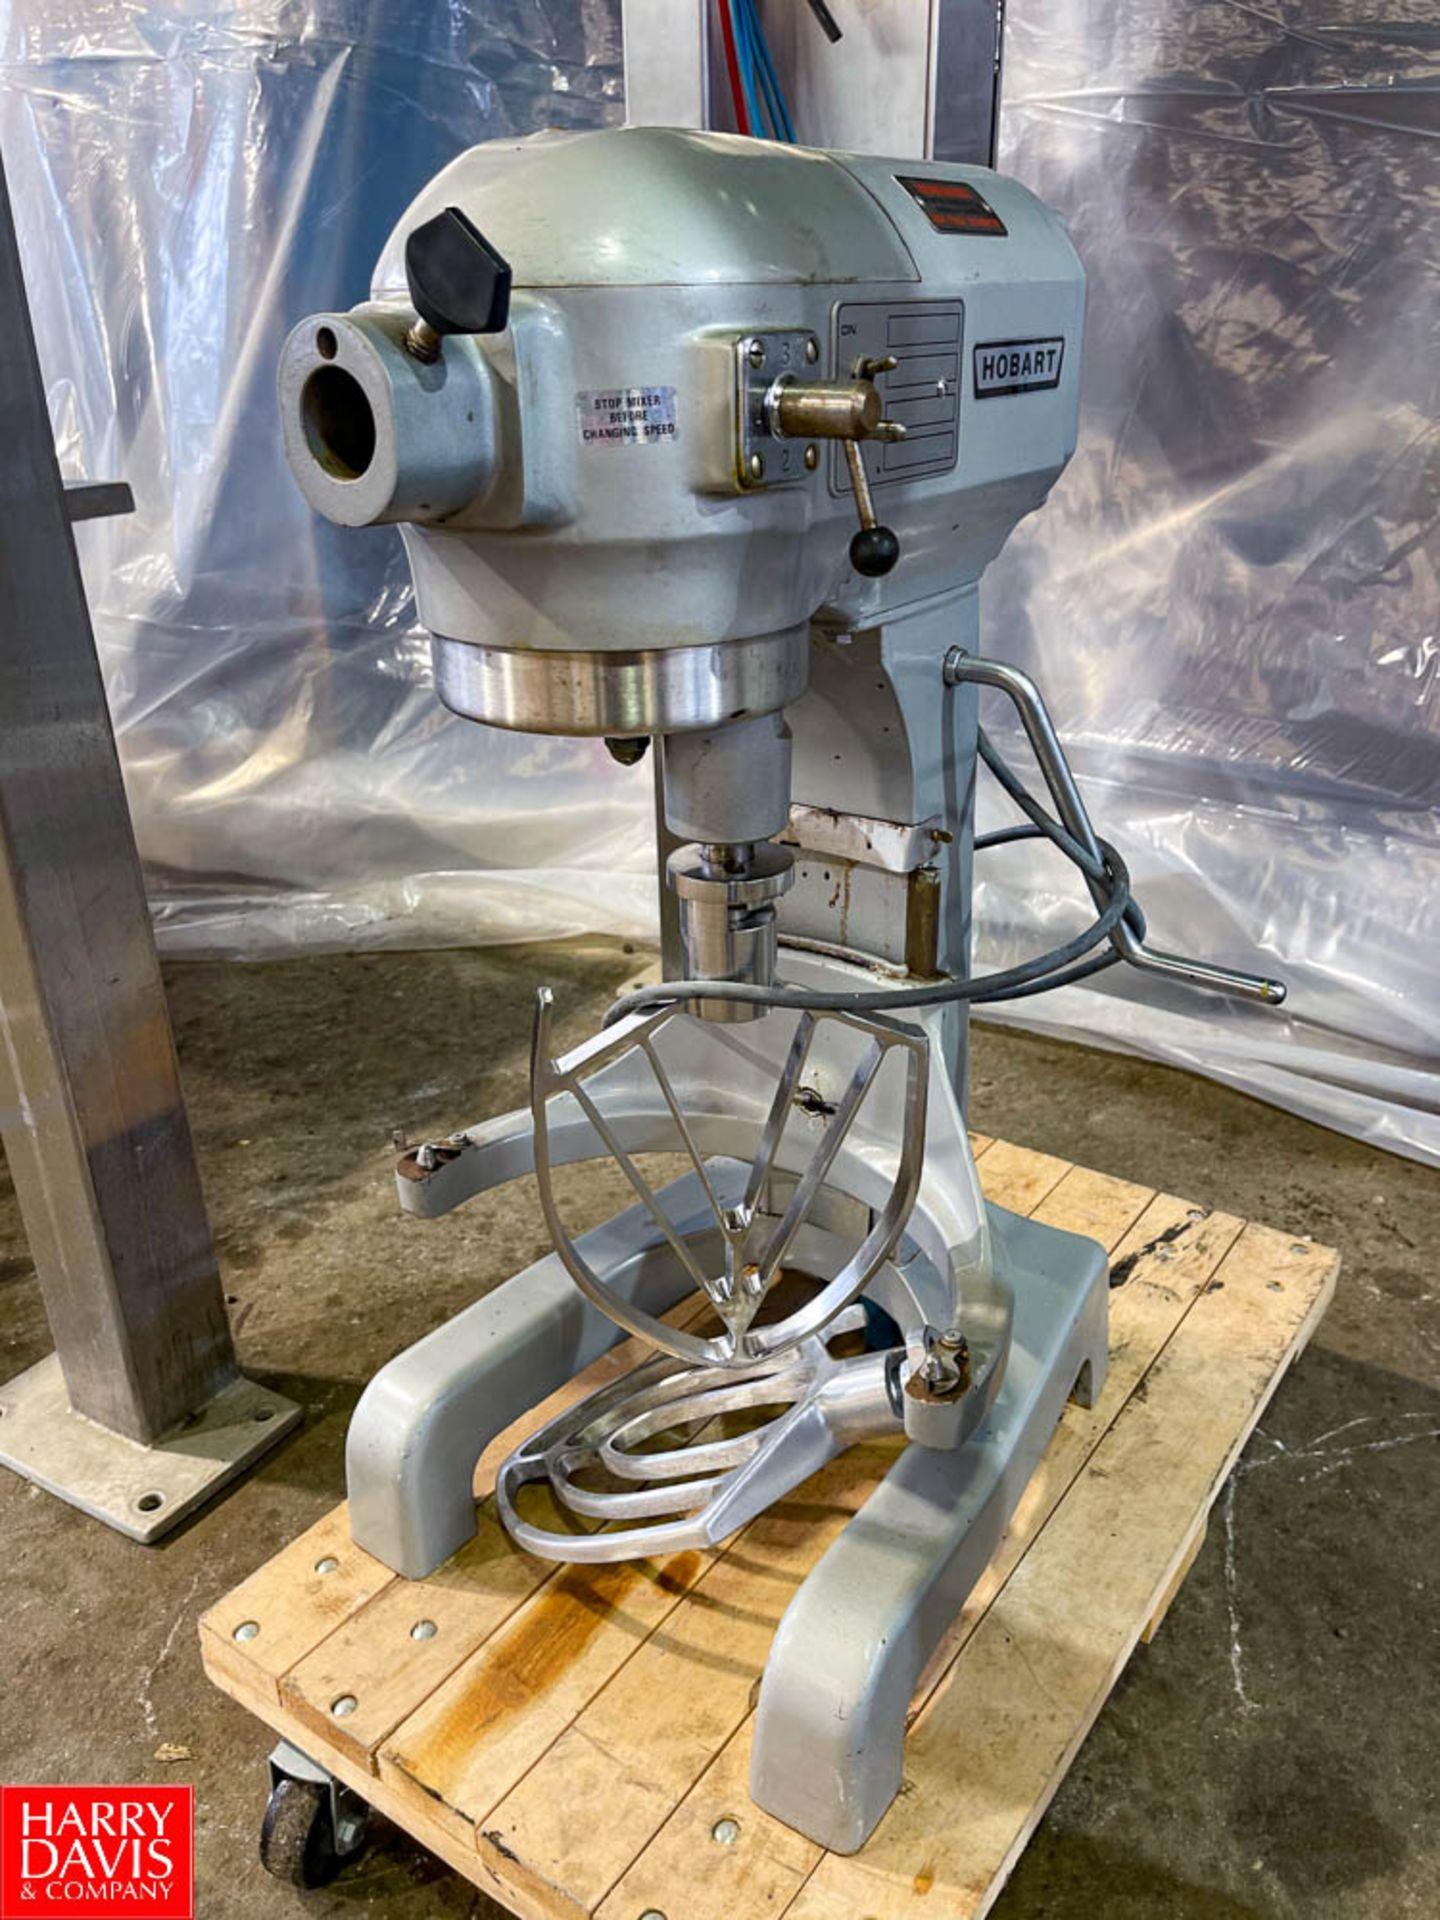 Hobart Mixer Model A-200